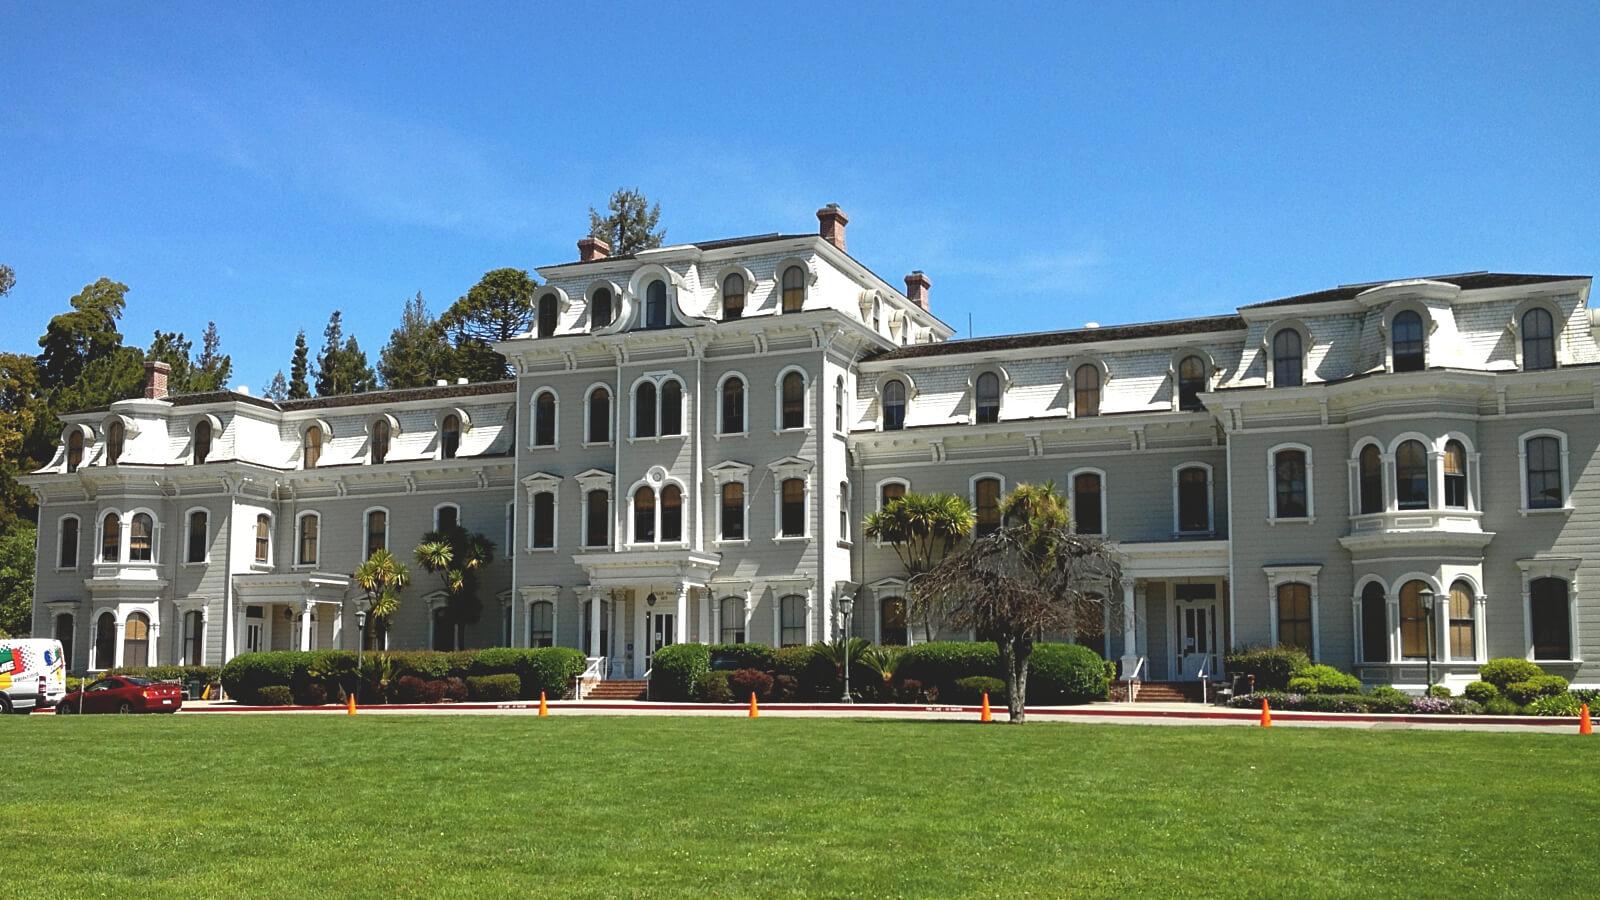 Colleges in California